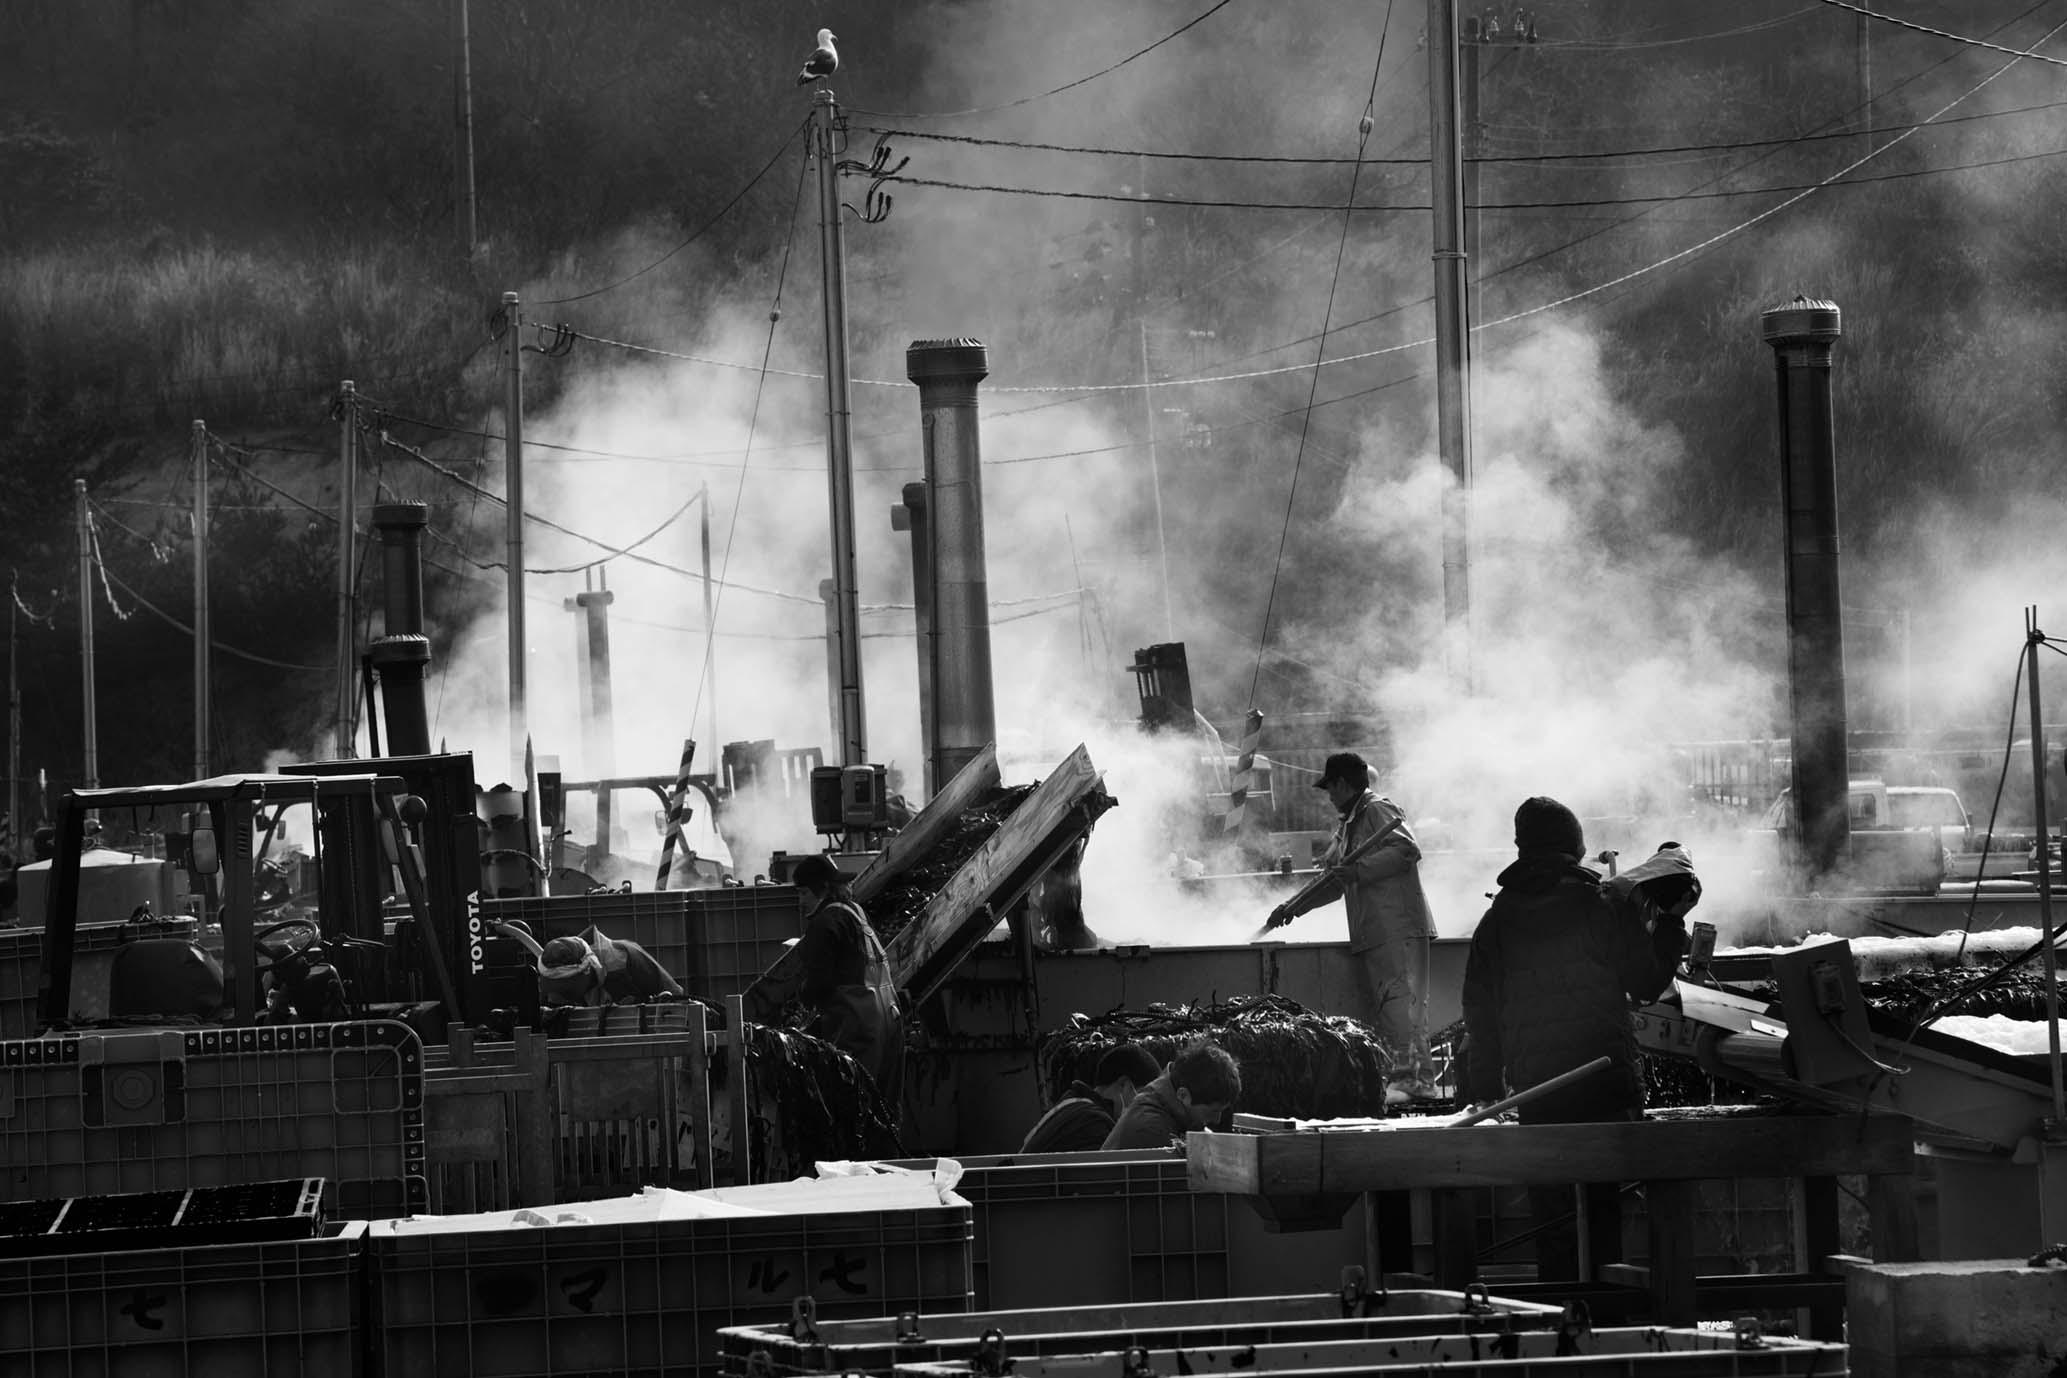 HAMAの絆潮 ~石巻の漁師町~ / Hagumu Shidachi